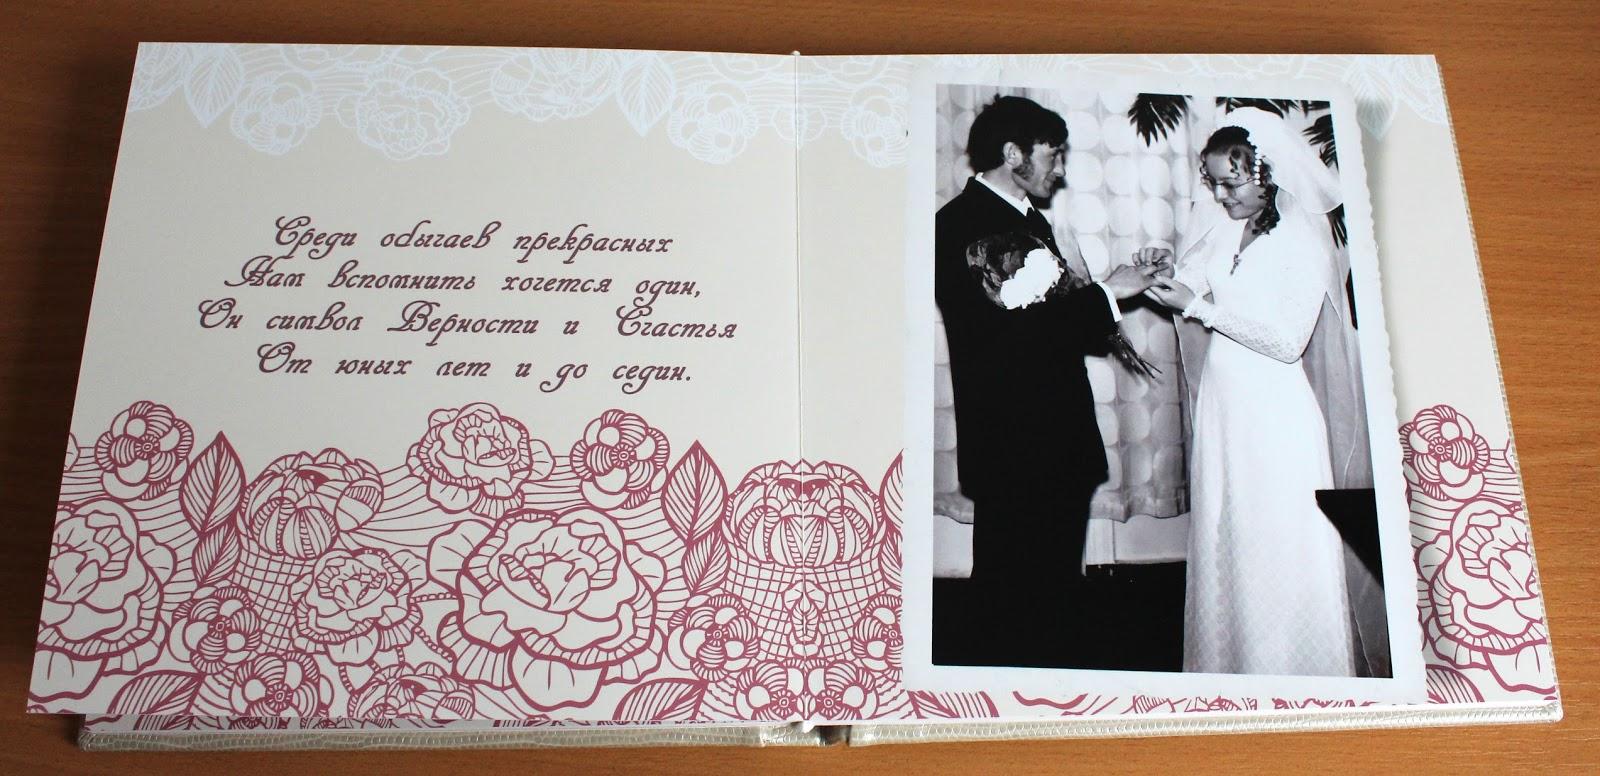 Надо ли подписывать подарок на свадьбу 62